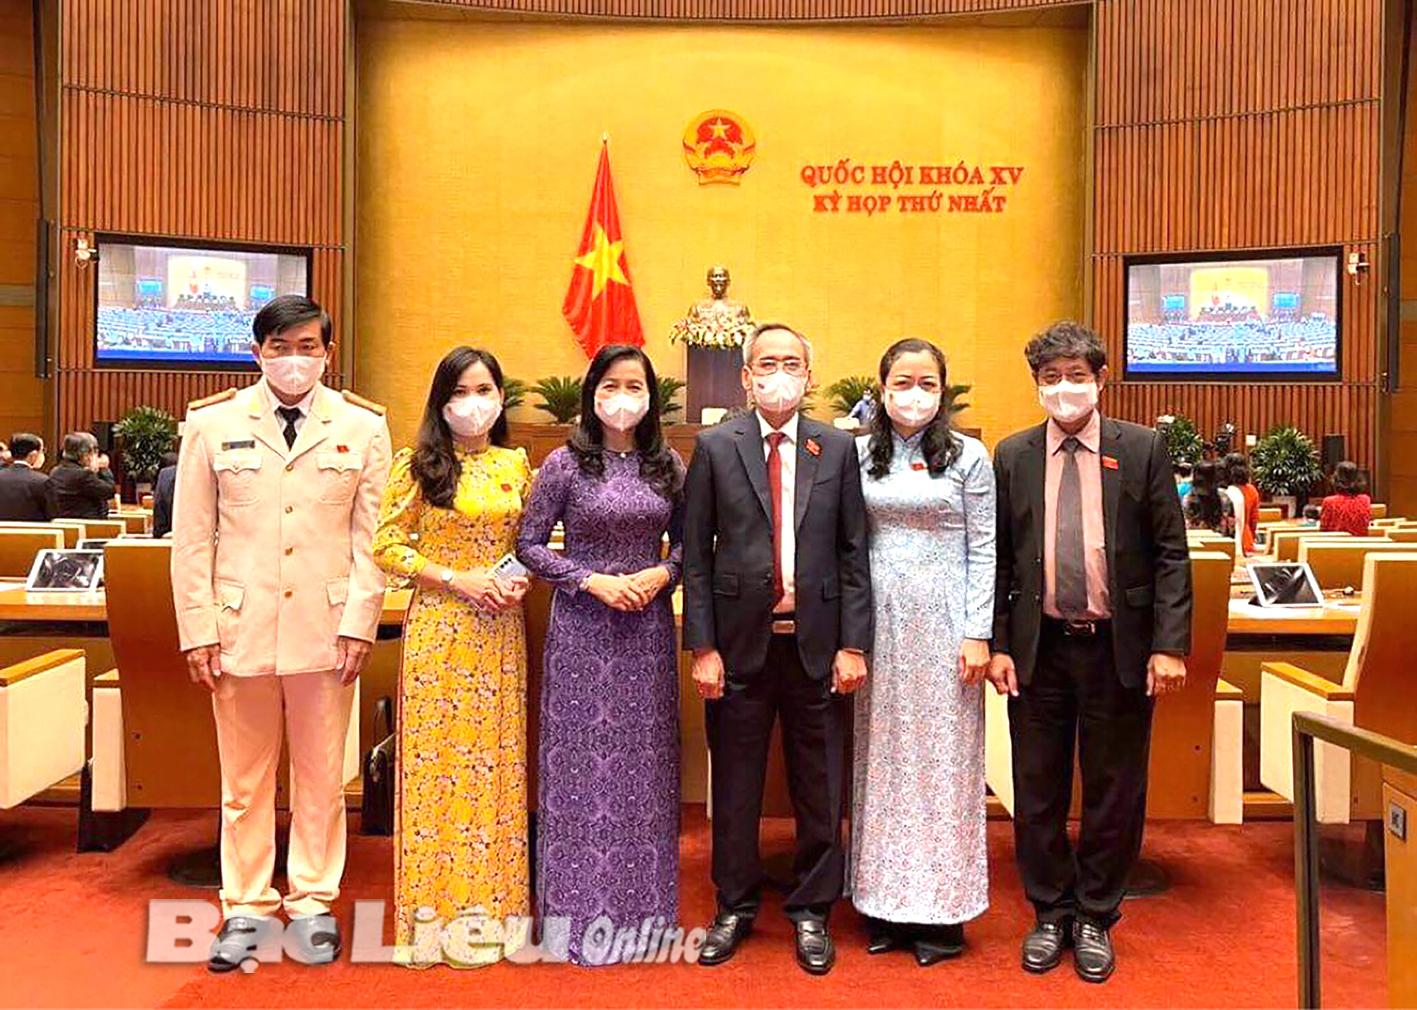 Kỳ họp thứ 1 Quốc hội khóa XV: Những hoạt động ý nghĩa